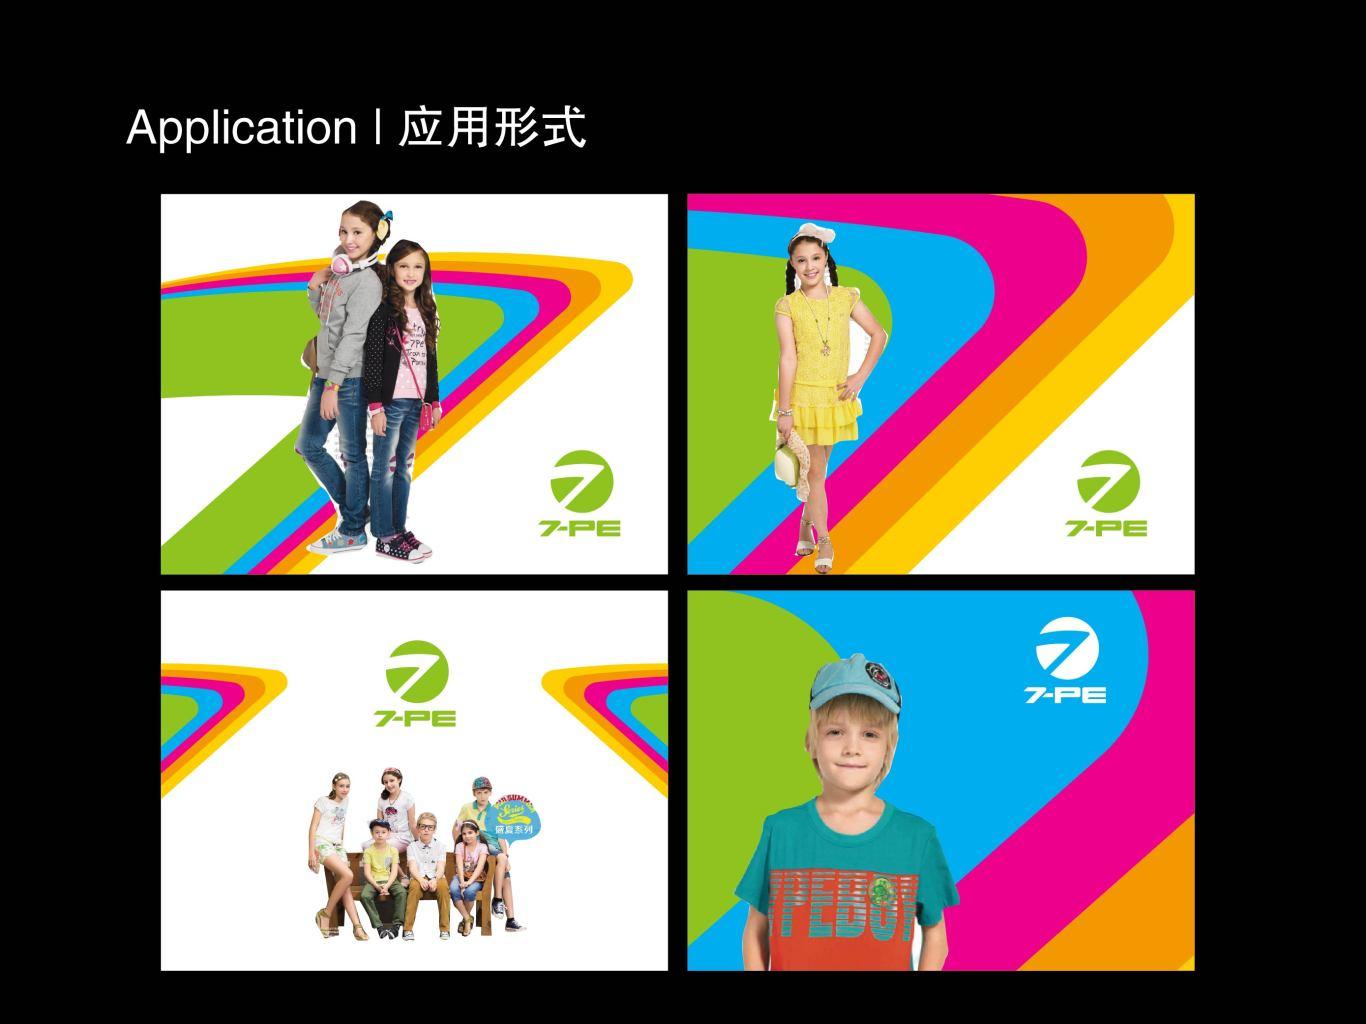 七波辉(7-PE)青少年休闲服饰品牌设计方案图2